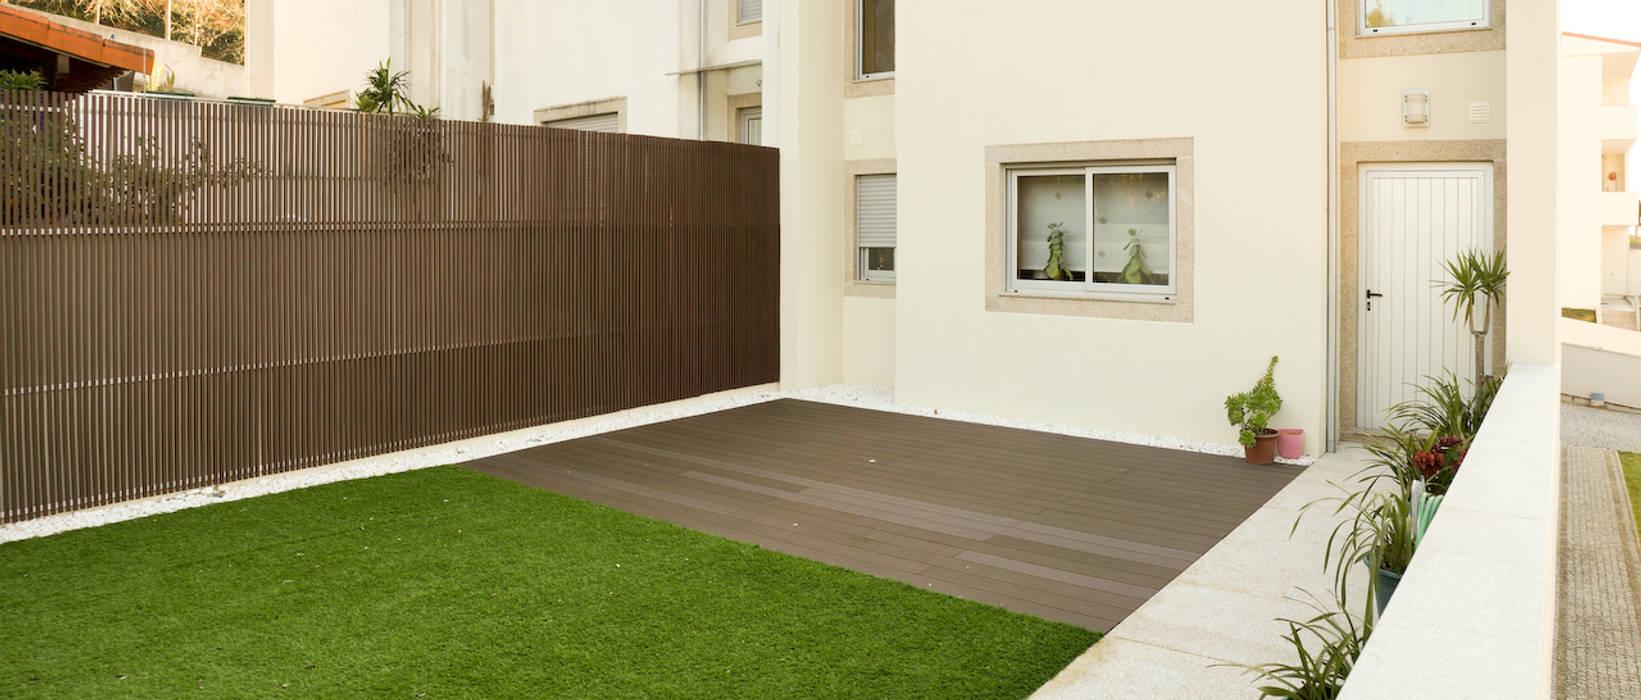 Zen garden by Miguel Oliveira